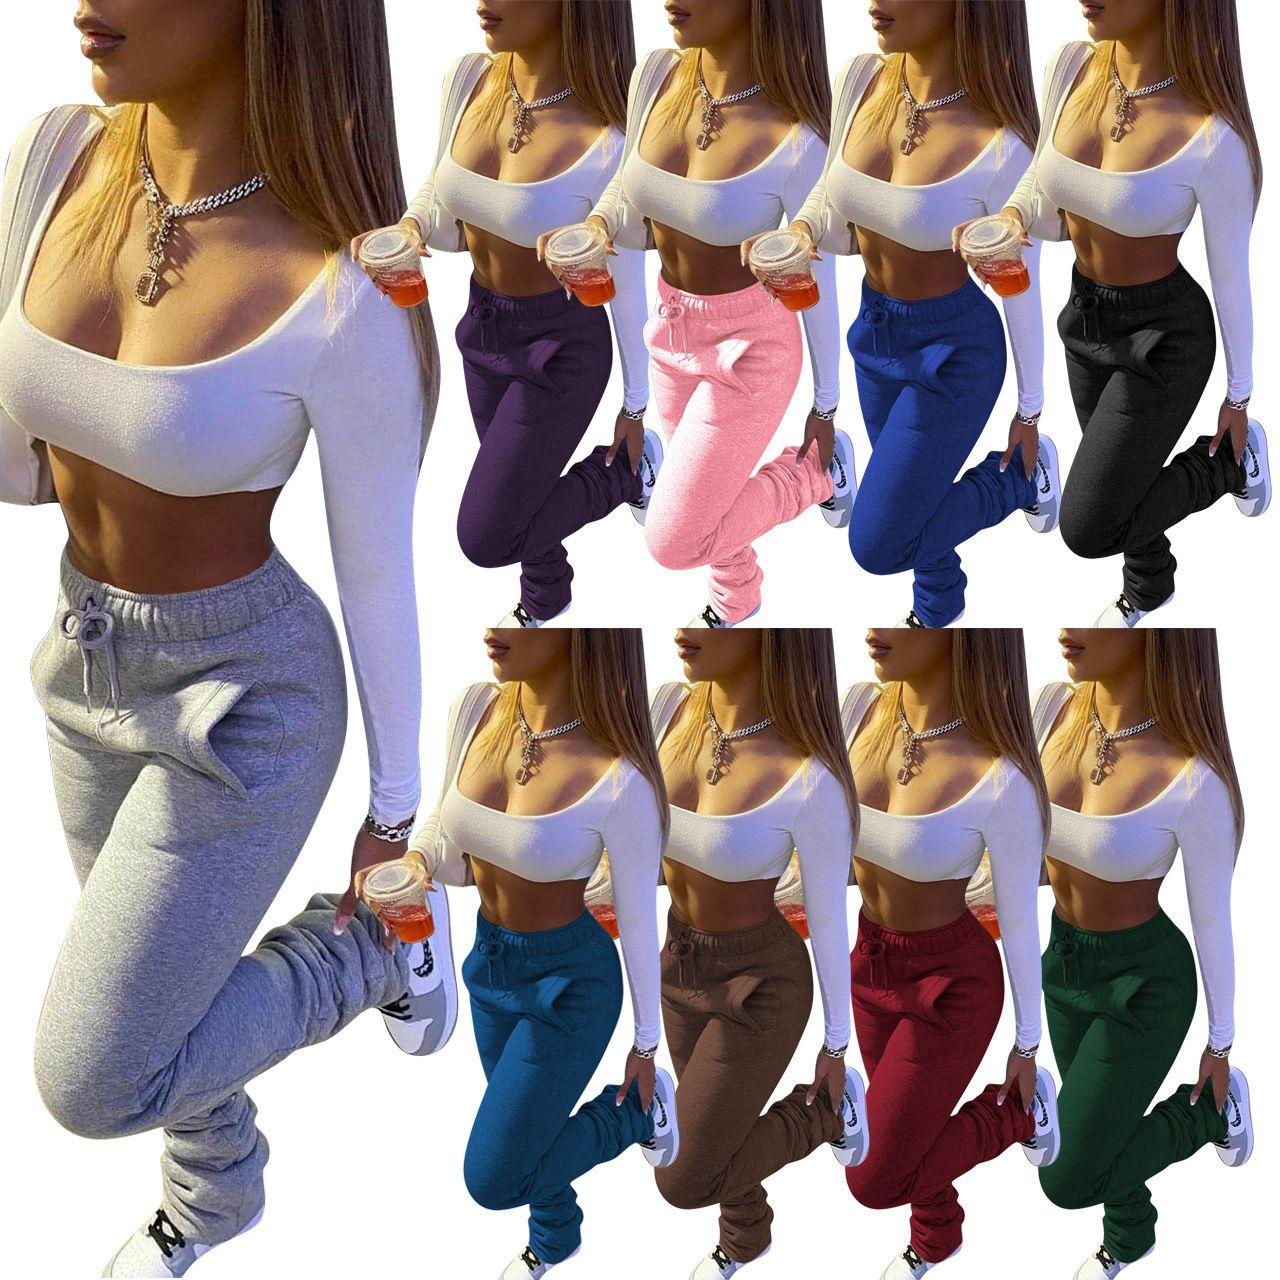 Cepler İpli Pantolon ile Casual Yeni Kadın Pantolon Moda Katı Ağır Triko Kumaş Pileli Mikro Flared Pantolon Bayan Spor